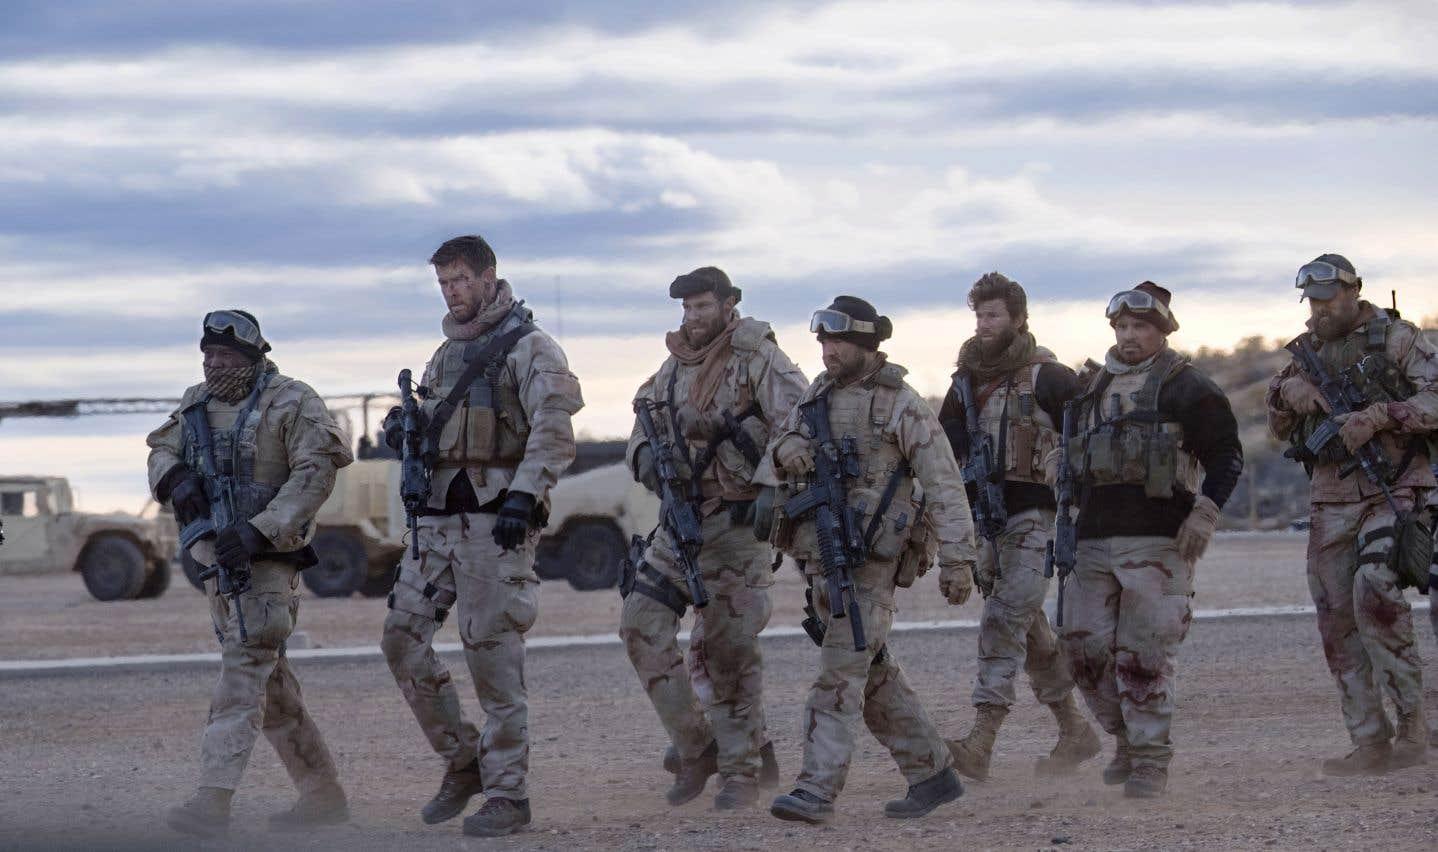 Porté par un lourd élan de patriotisme, «12 Strong» a le mérite de raconter une histoire méconnue du grand public: celle des premiers soldats américains dépêchés en Afghanistan après le 11septembre 2001.